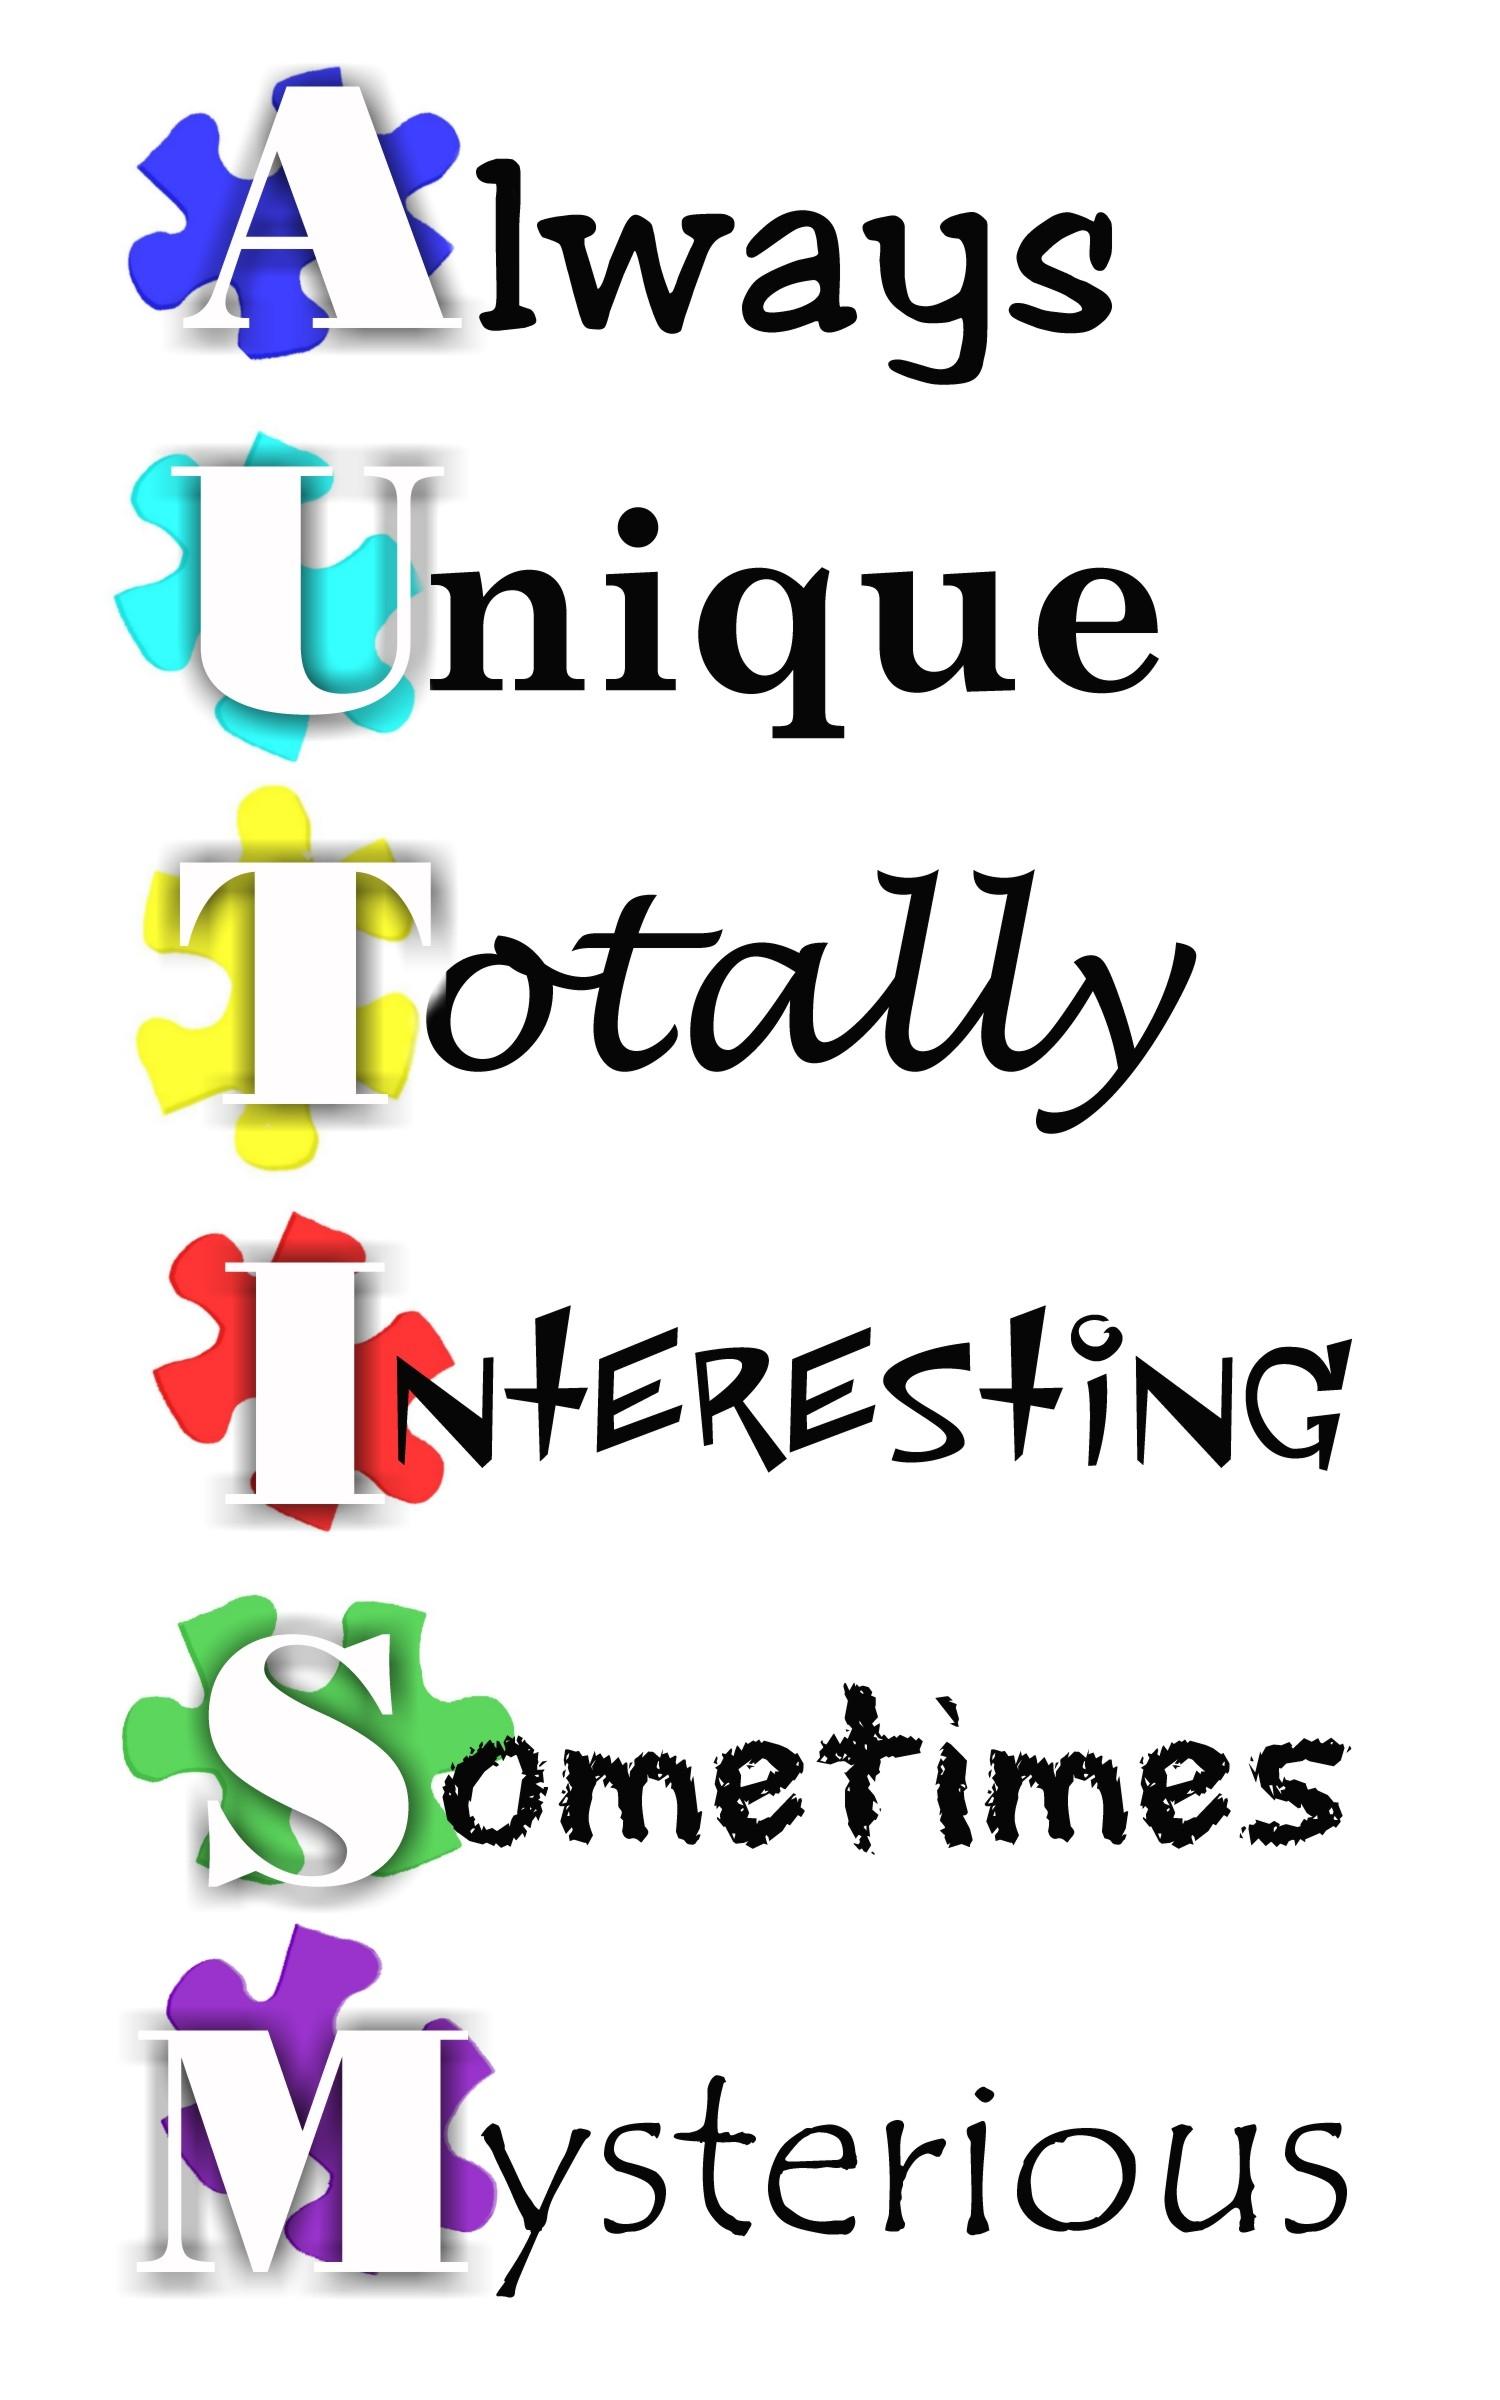 autism acronym